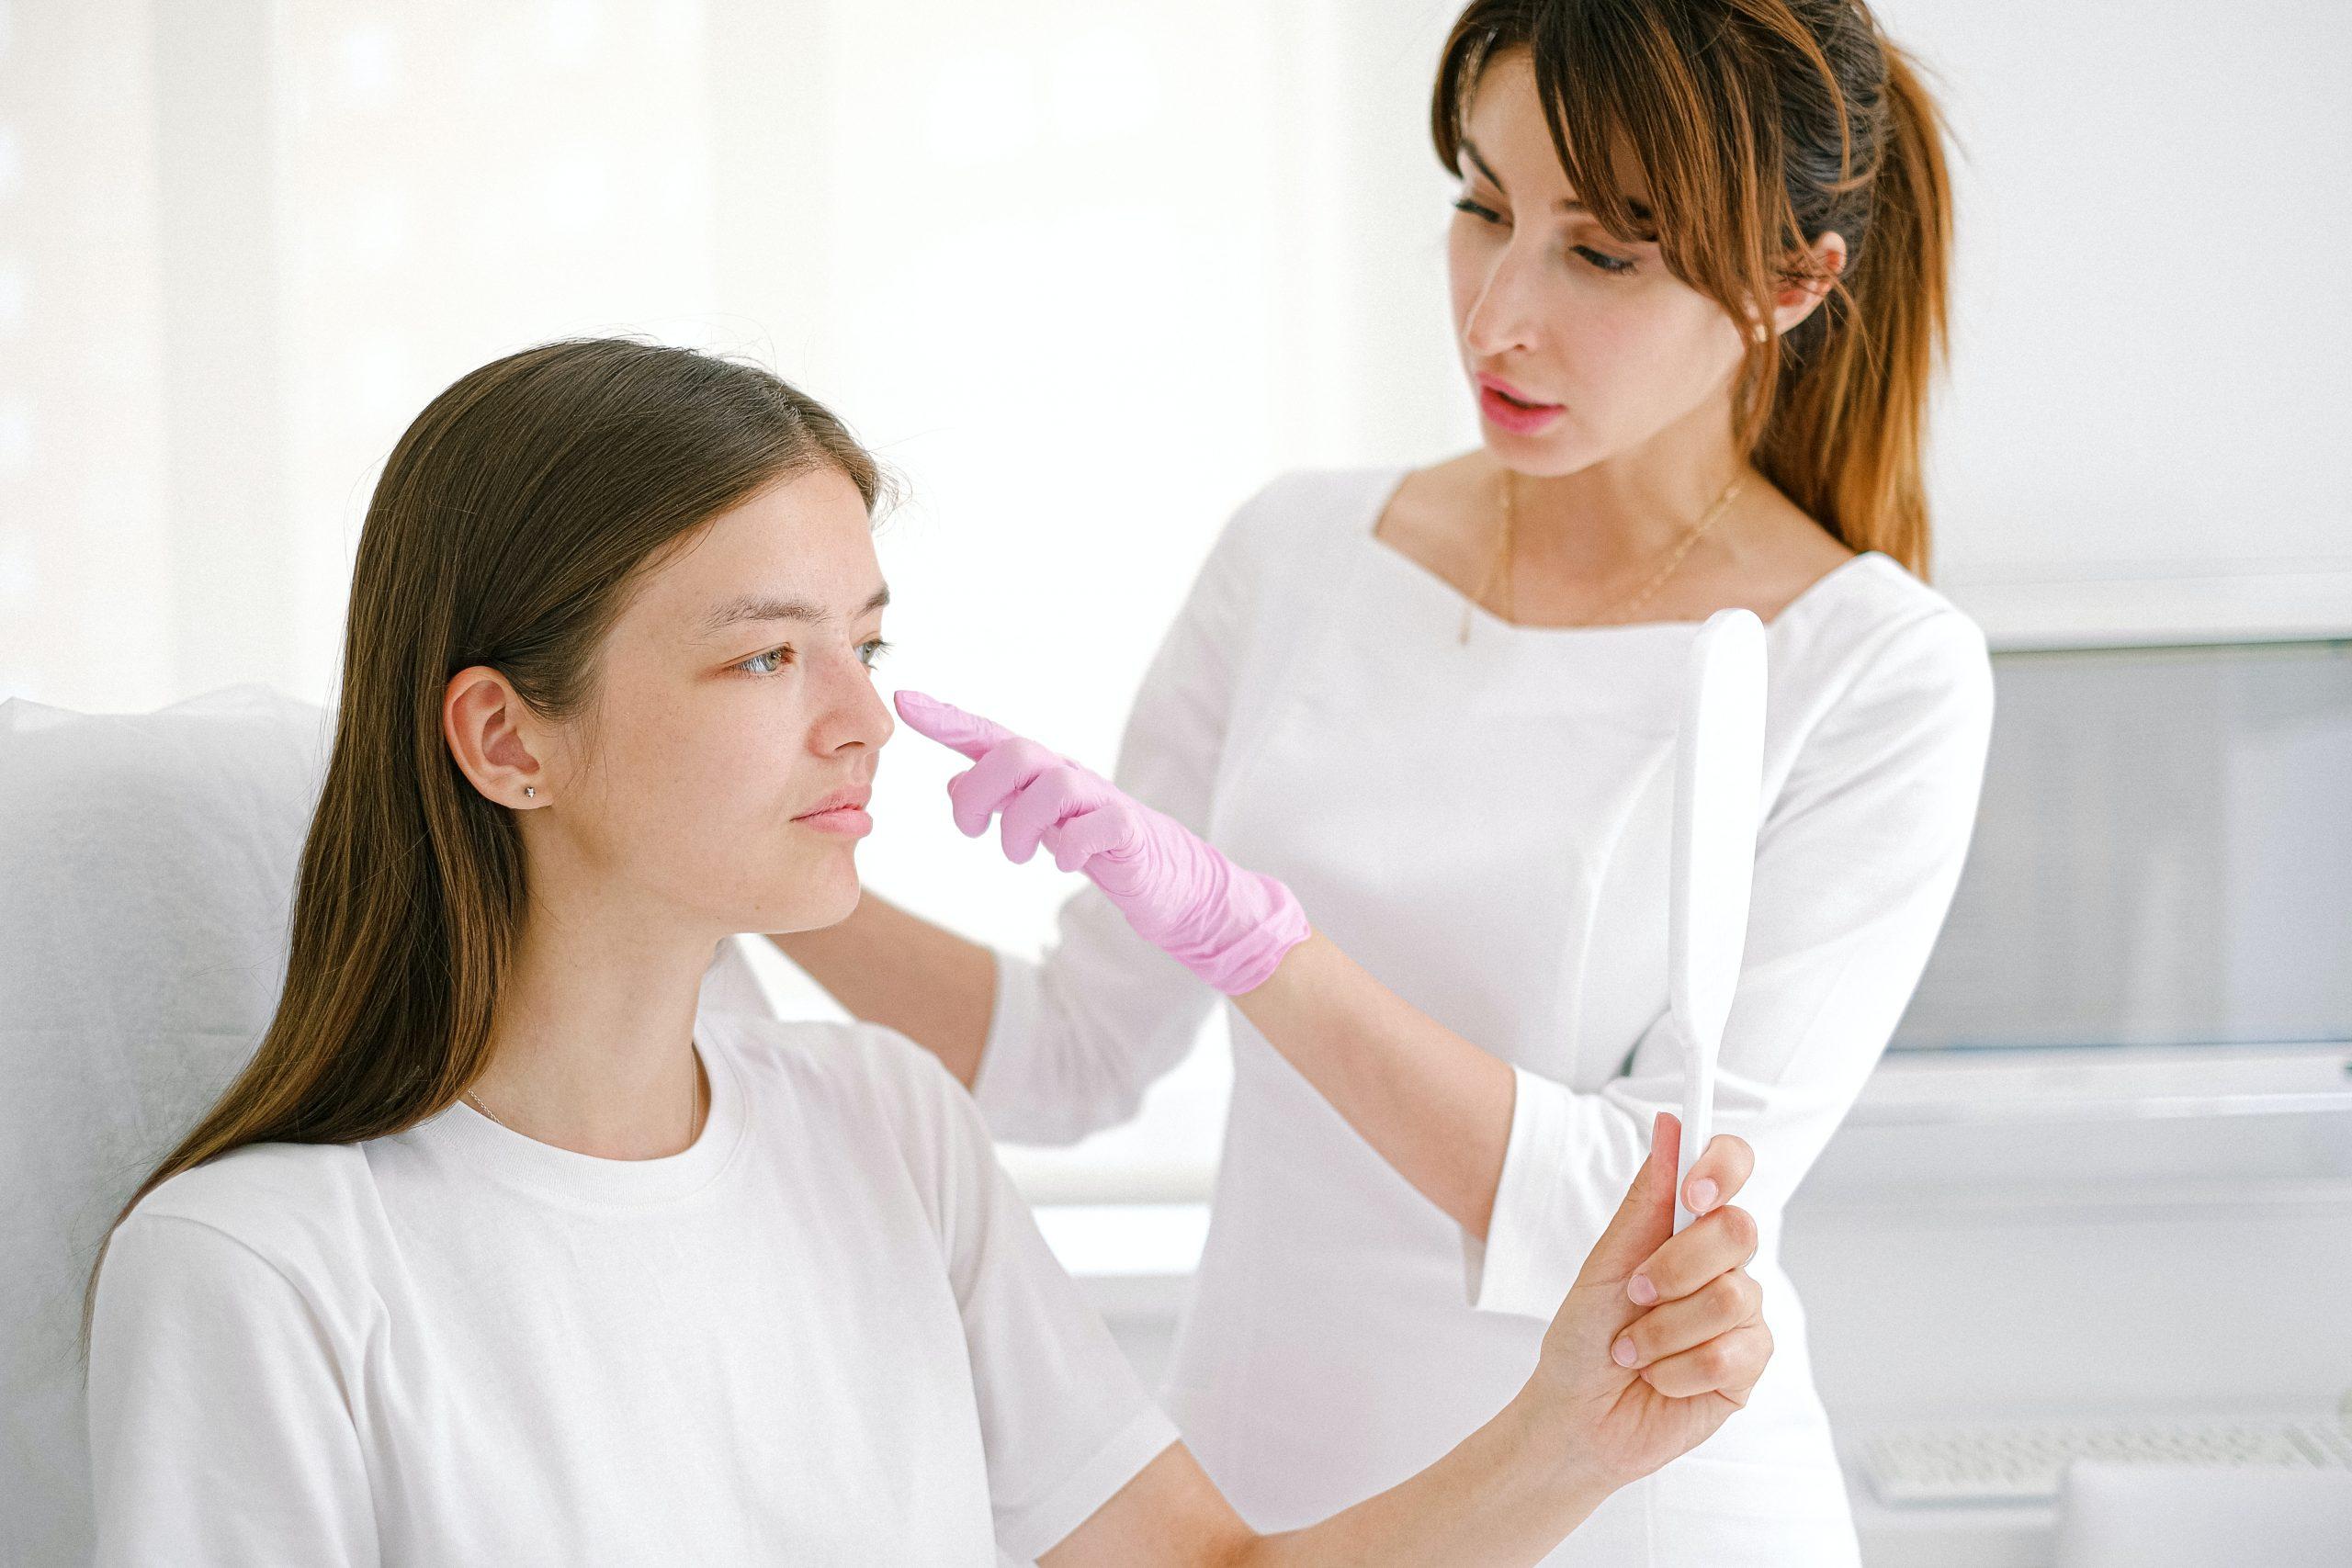 Imagem de uma profissional realizando um tratamento estético em uma jovem.